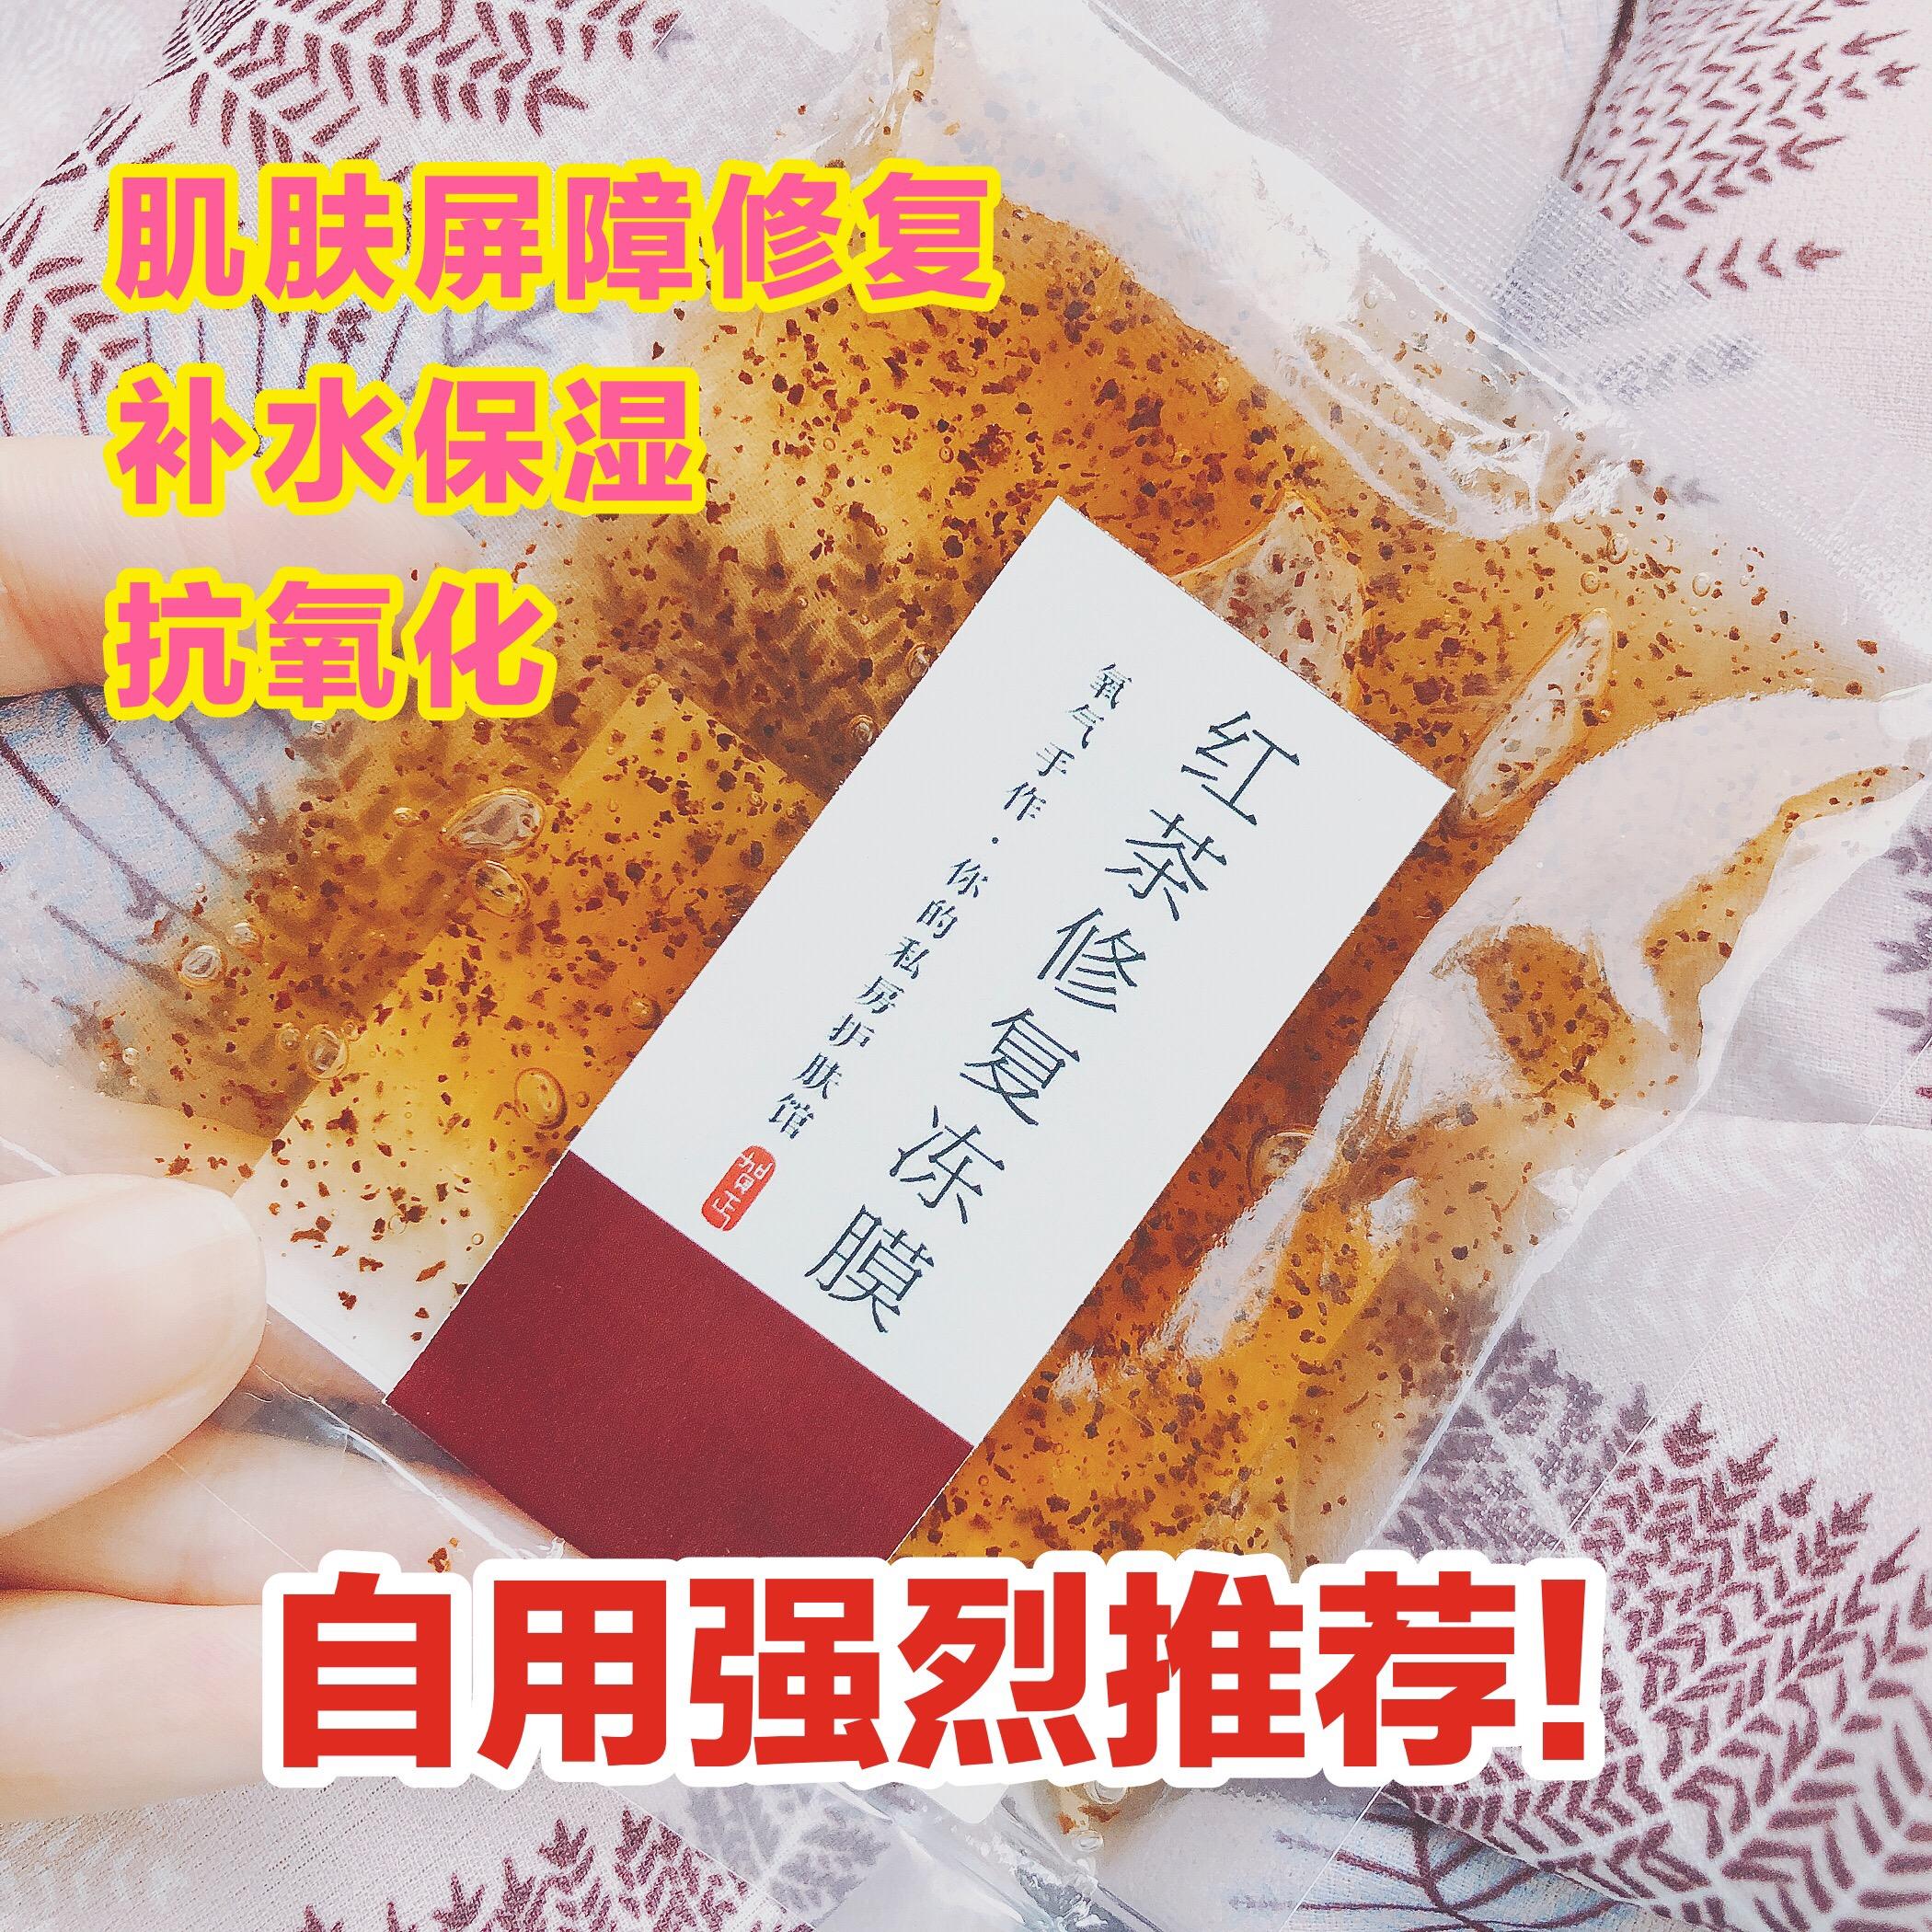 【买十送一】毛妈推荐 伯爵红茶冻膜 修护面膜 补水 保湿 抗敏感